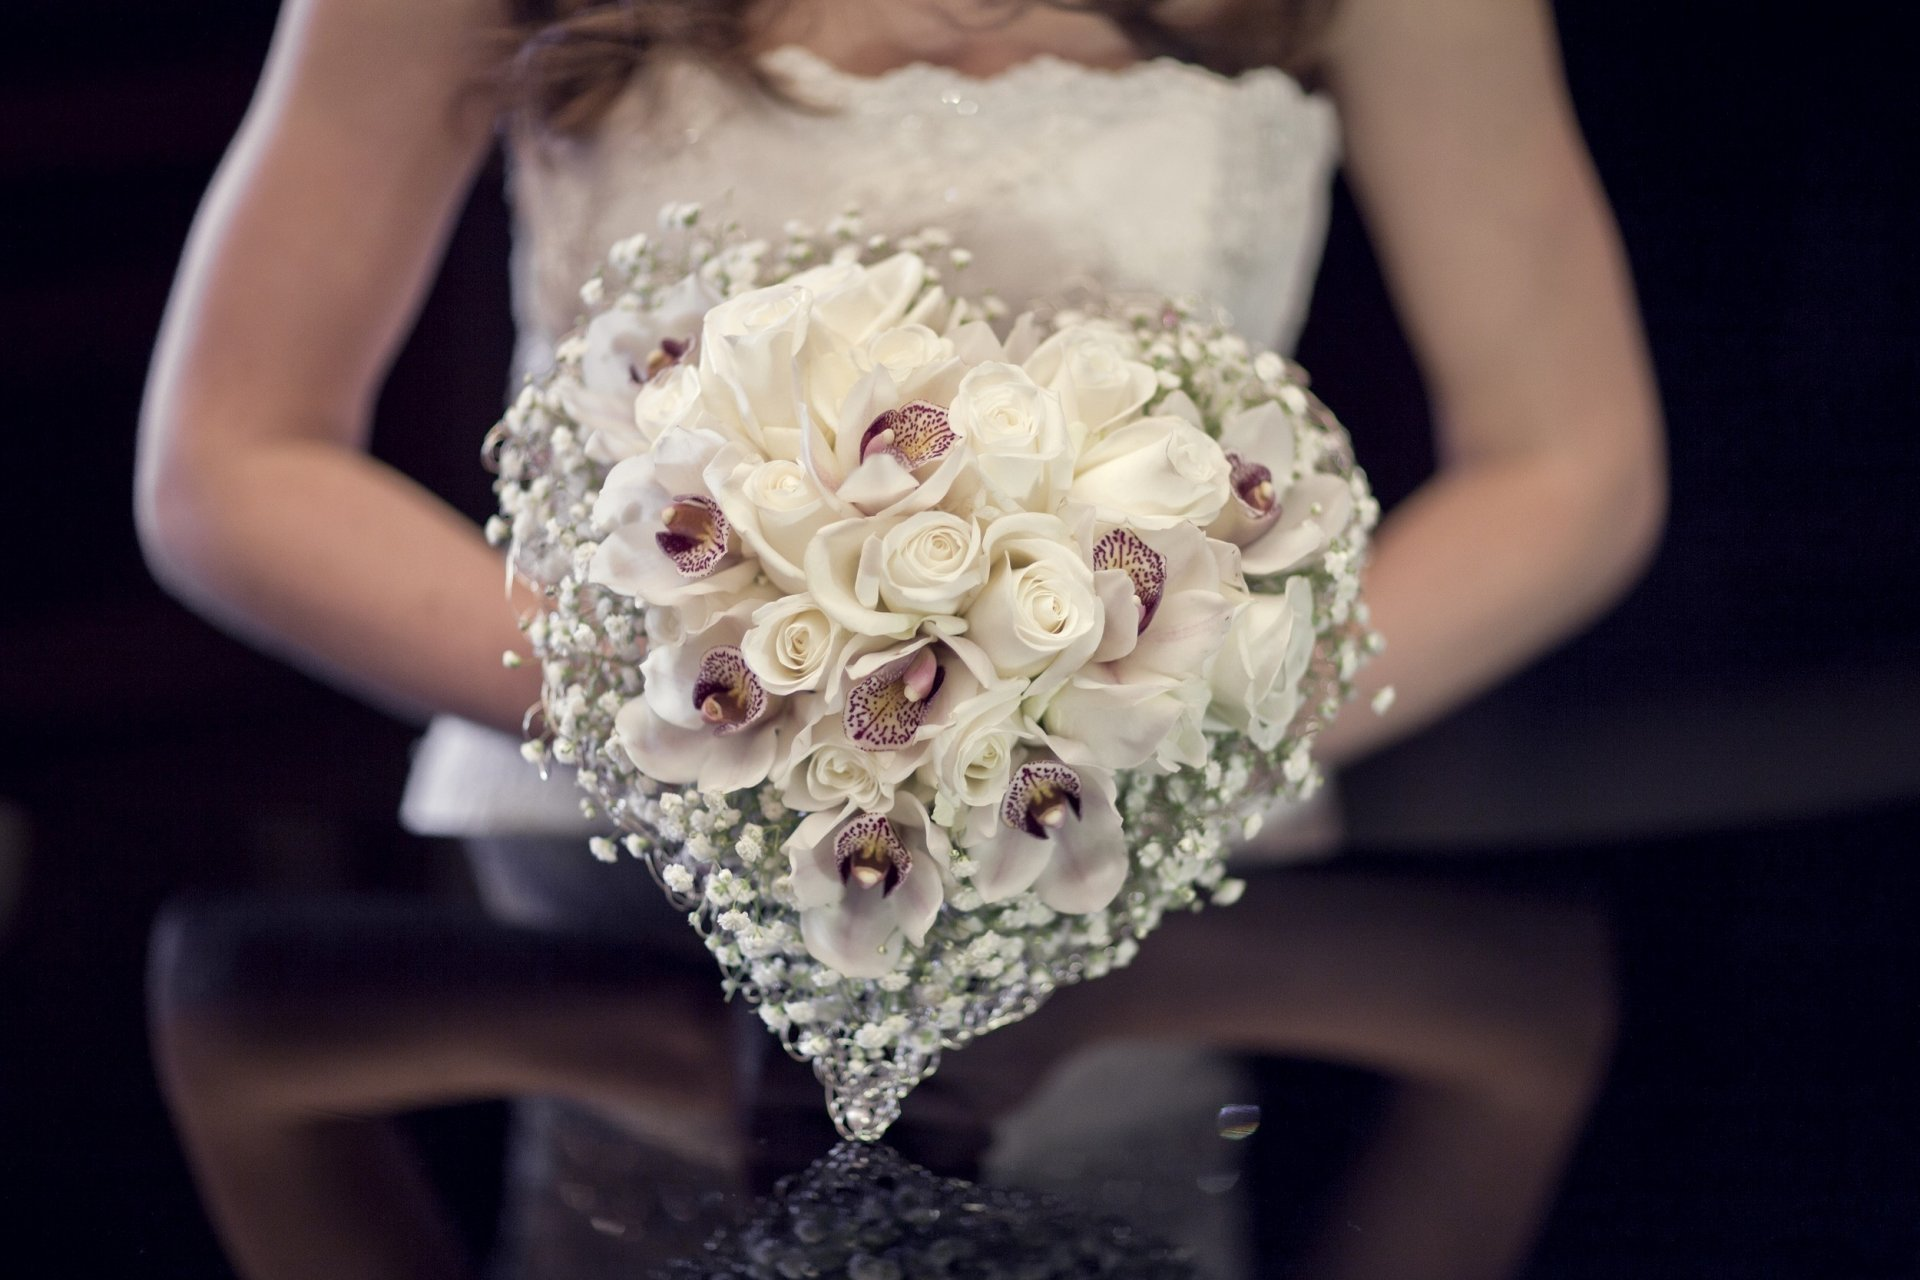 Составление свадьбу букет для невесте фото